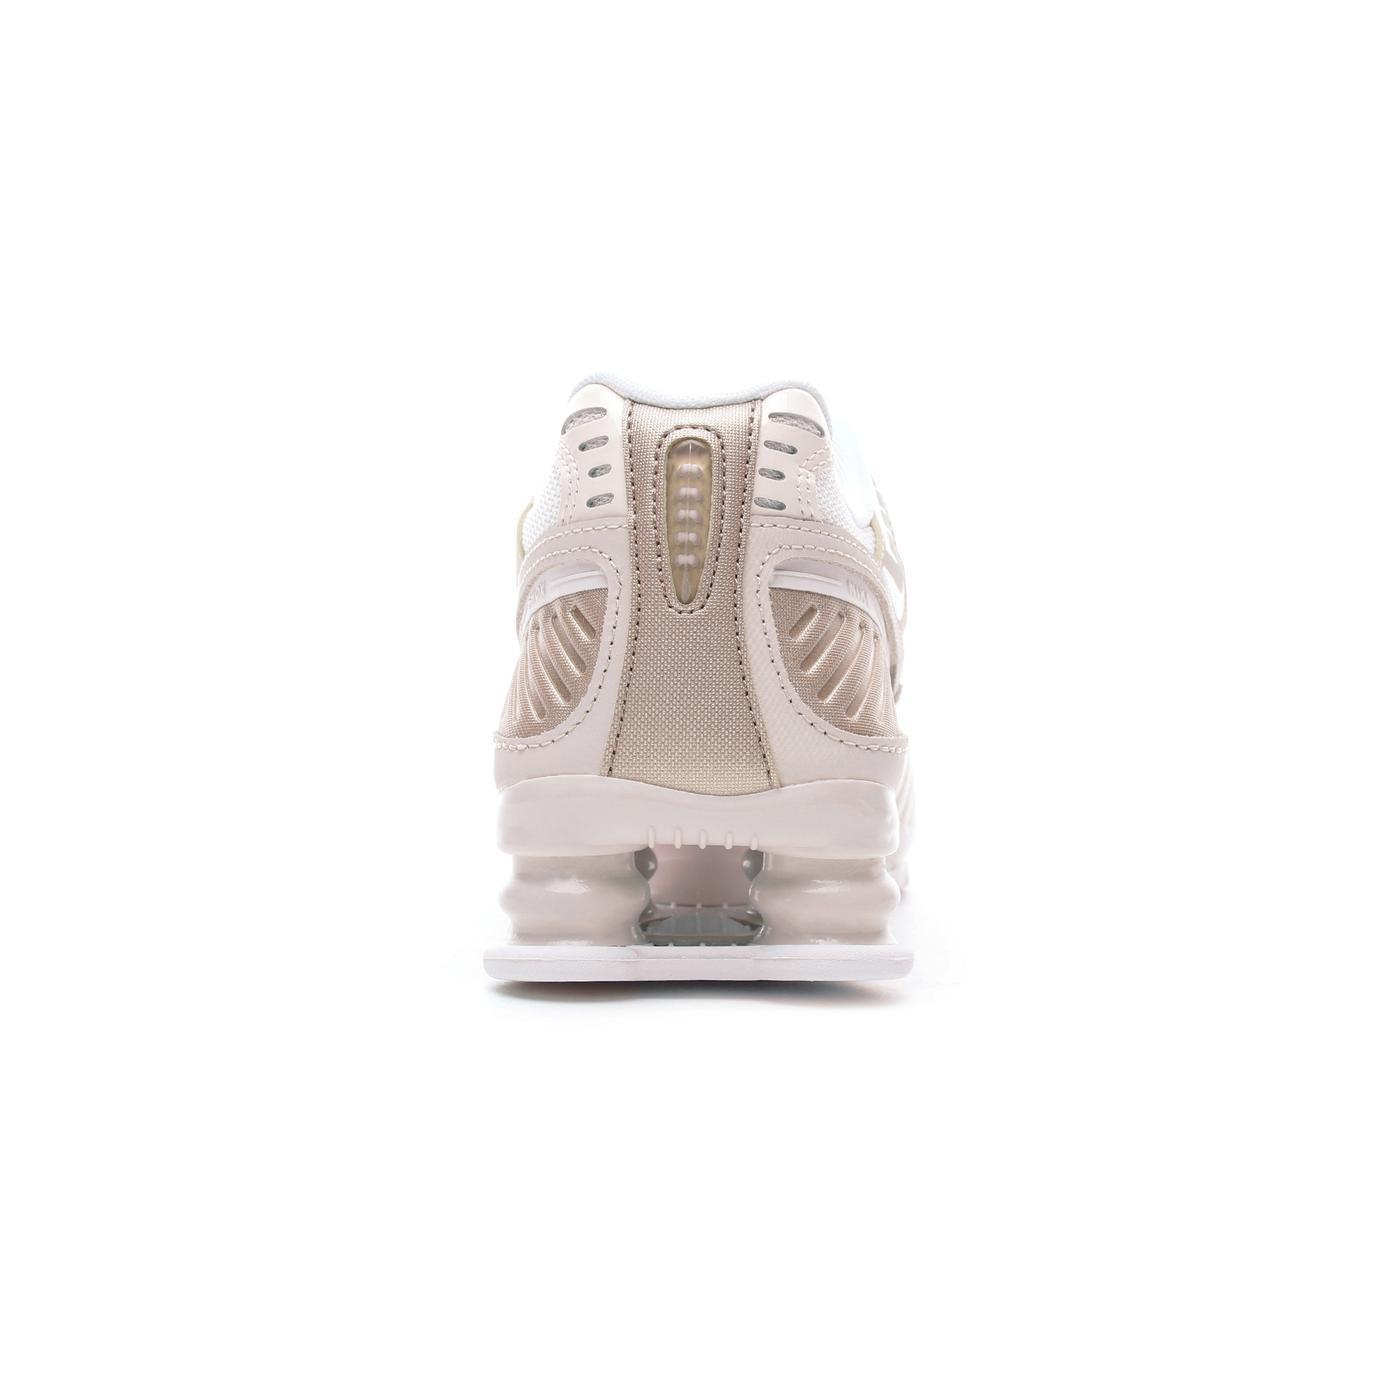 Nike Shox Enigma 9000 Kadın Bej Spor Ayakkabı